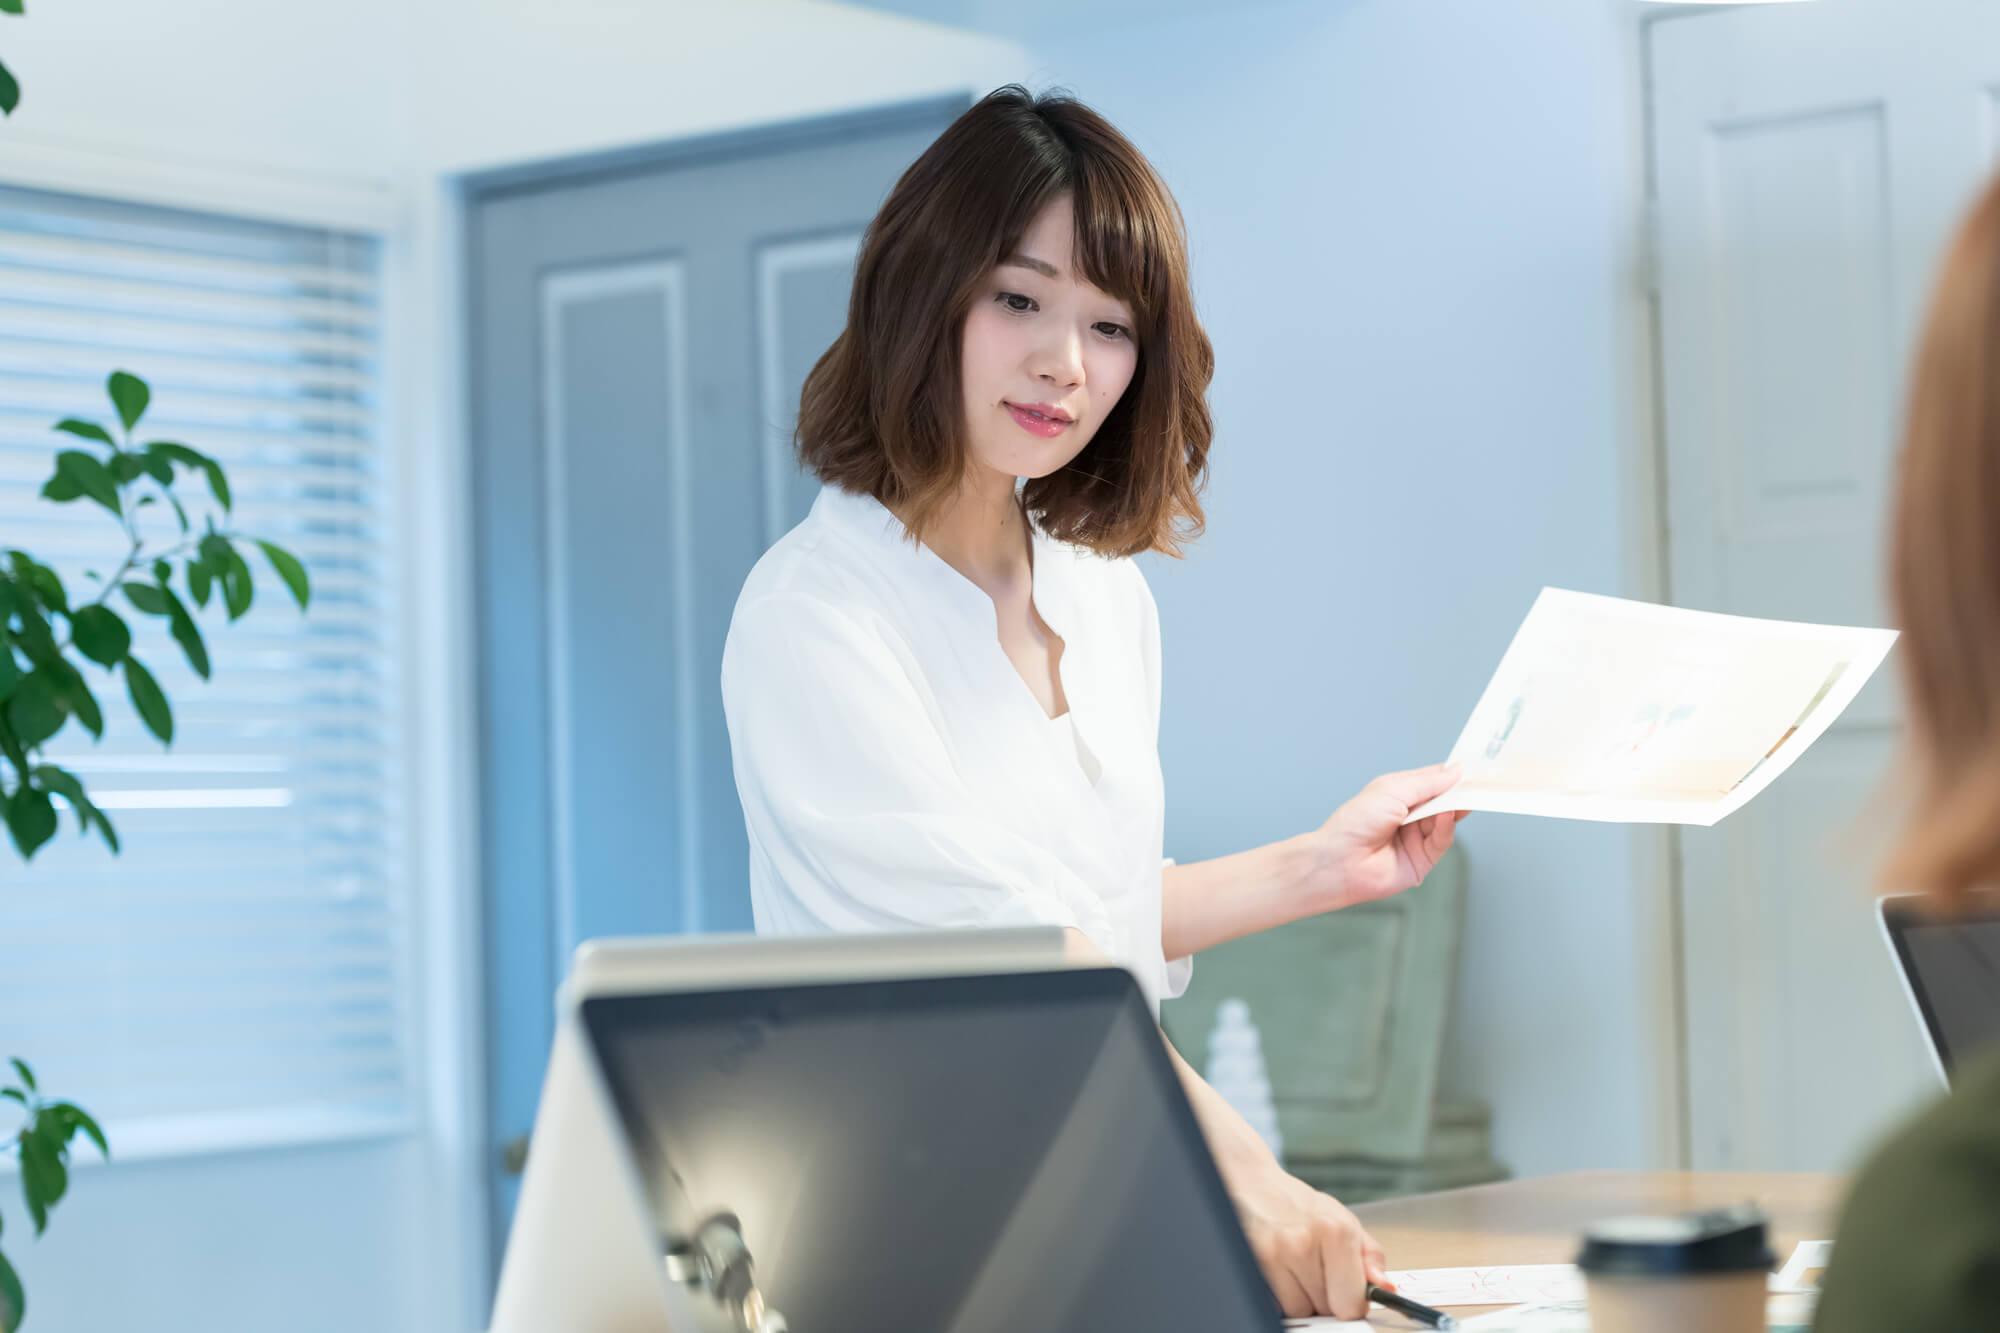 中小企業・個人事業のためのIT関連助成金